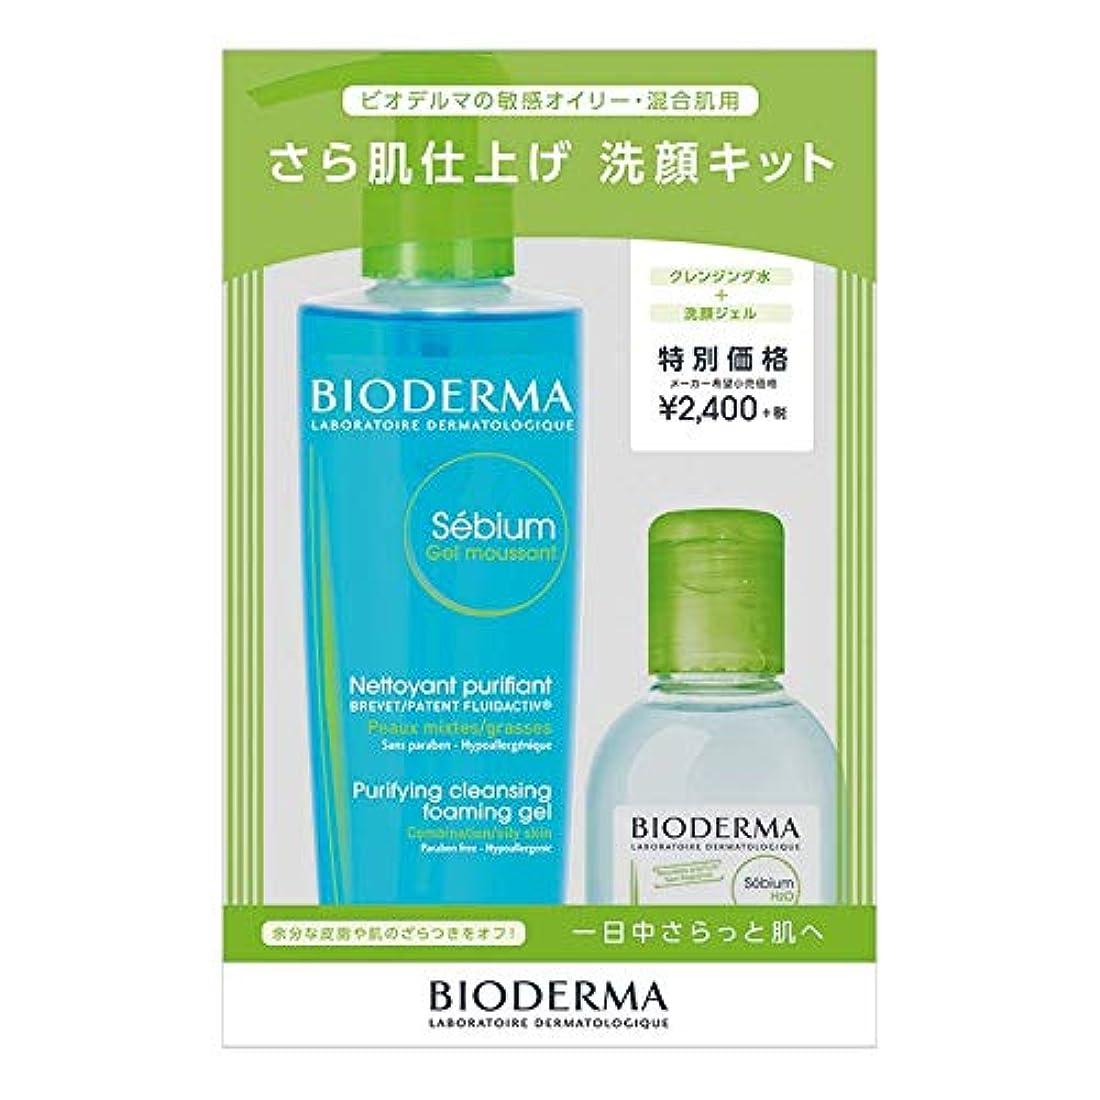 空気照らすブランドビオデルマ セビウム サラハダシアゲ センガンキット 洗顔 セット 200g+100ml